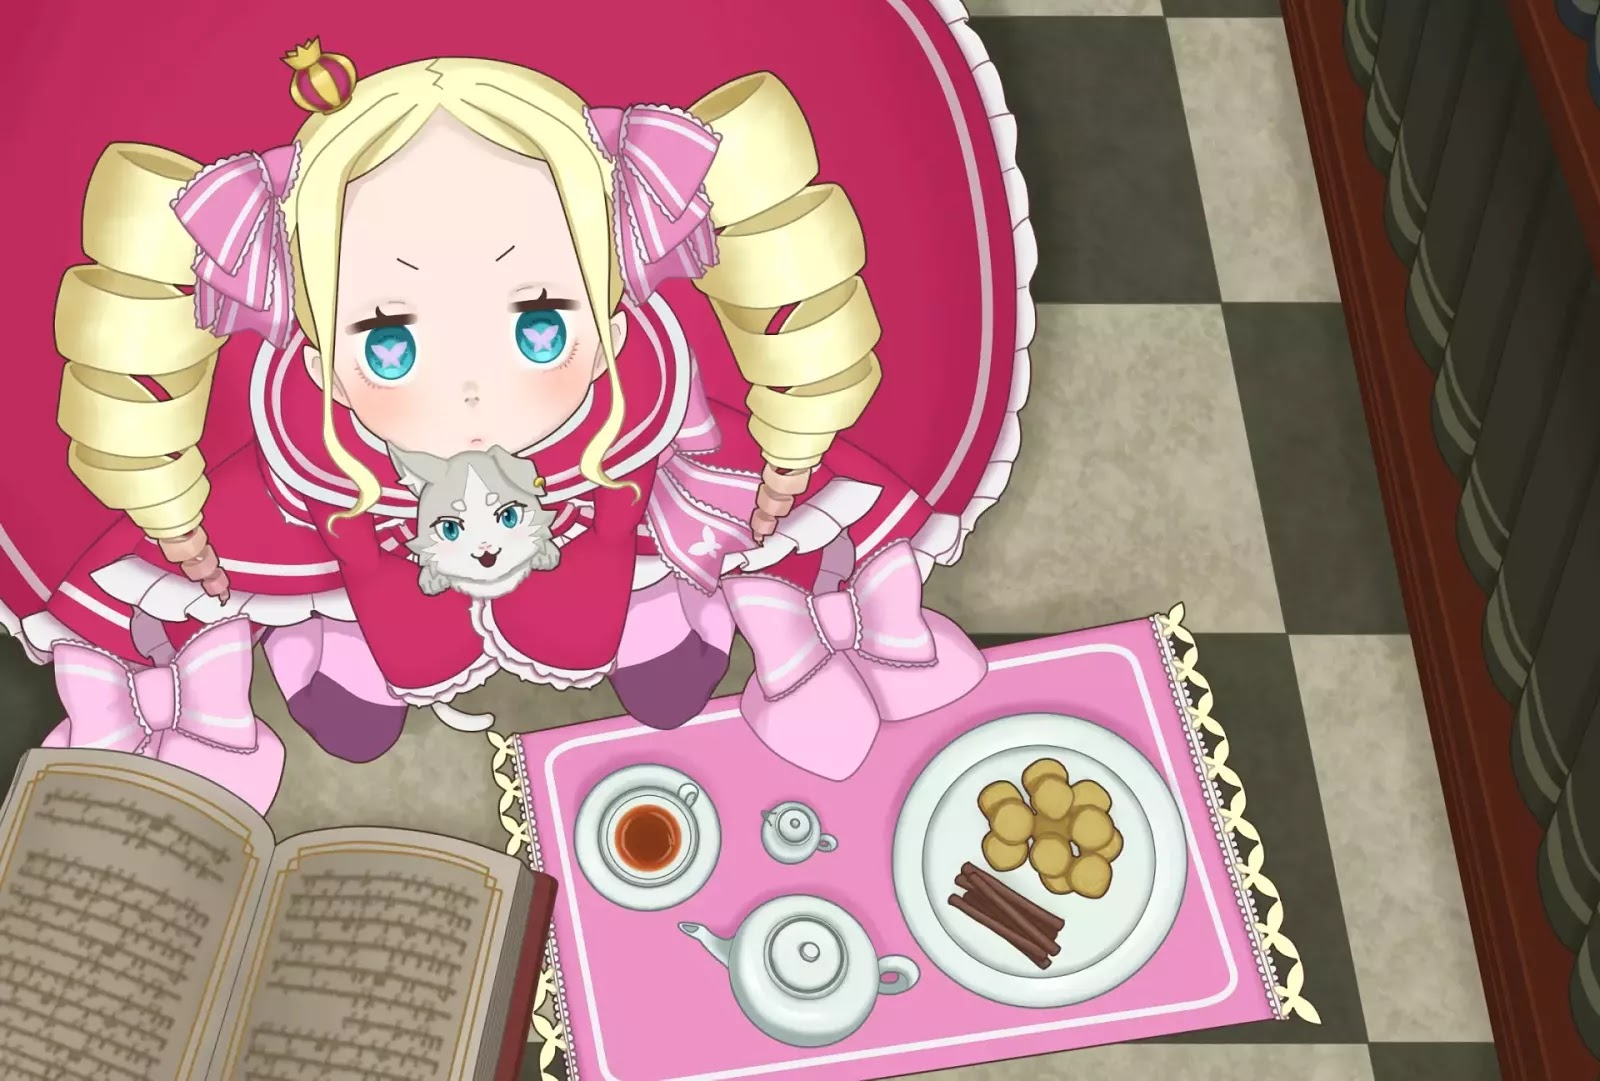 AowVN%2B%252817%2529 - [ Hình Nền ] Loli cực đẹp , cực độc Full HD | Anime Wallpaper